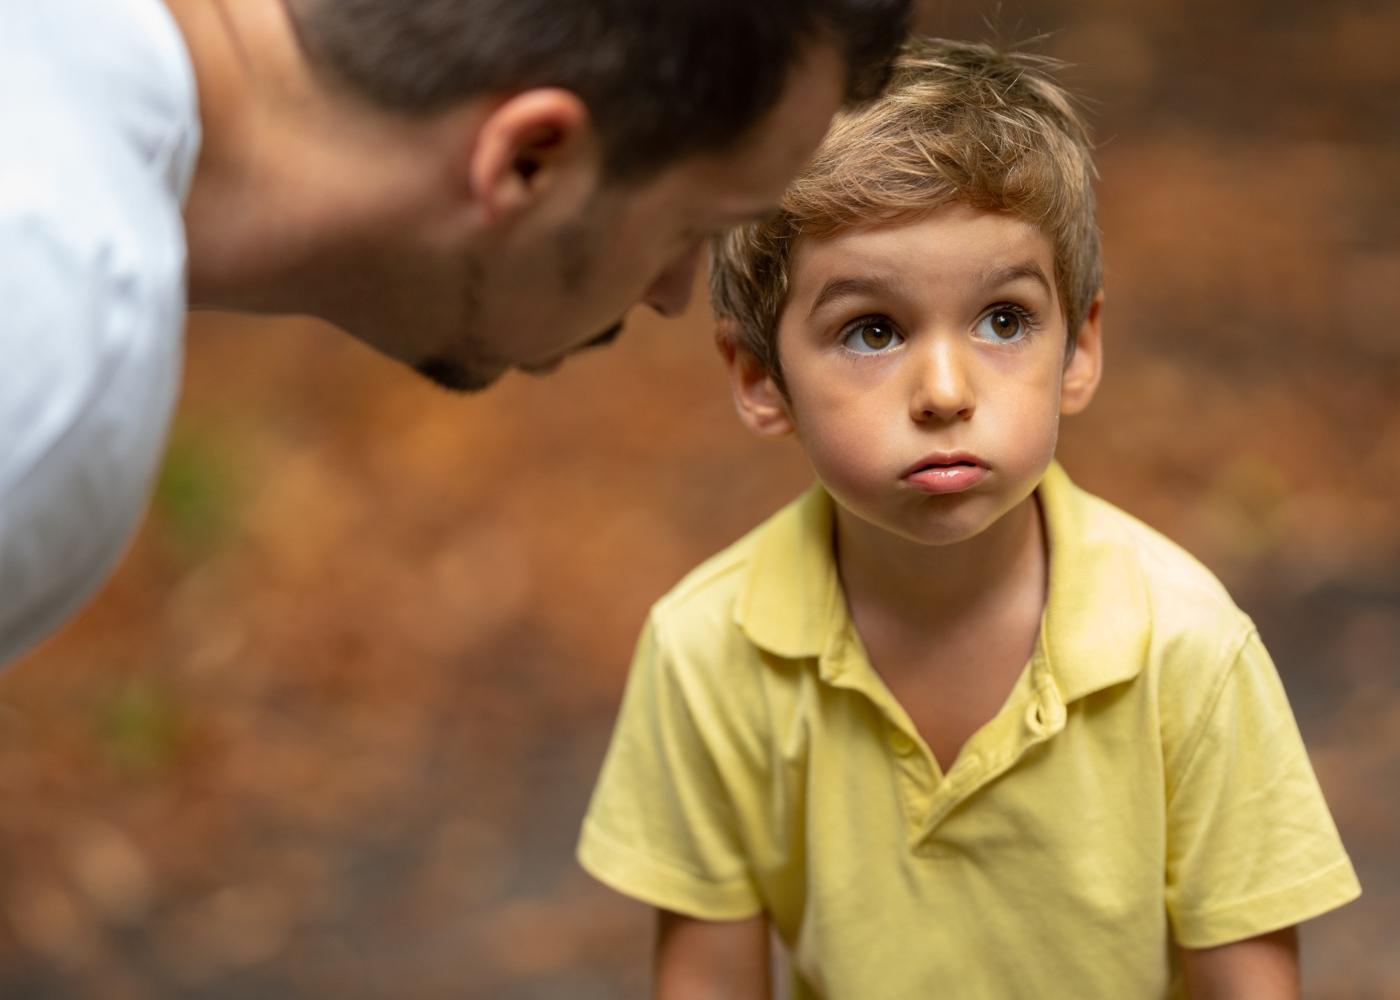 Regras com crianças: pai a estabelecer regras com o filho